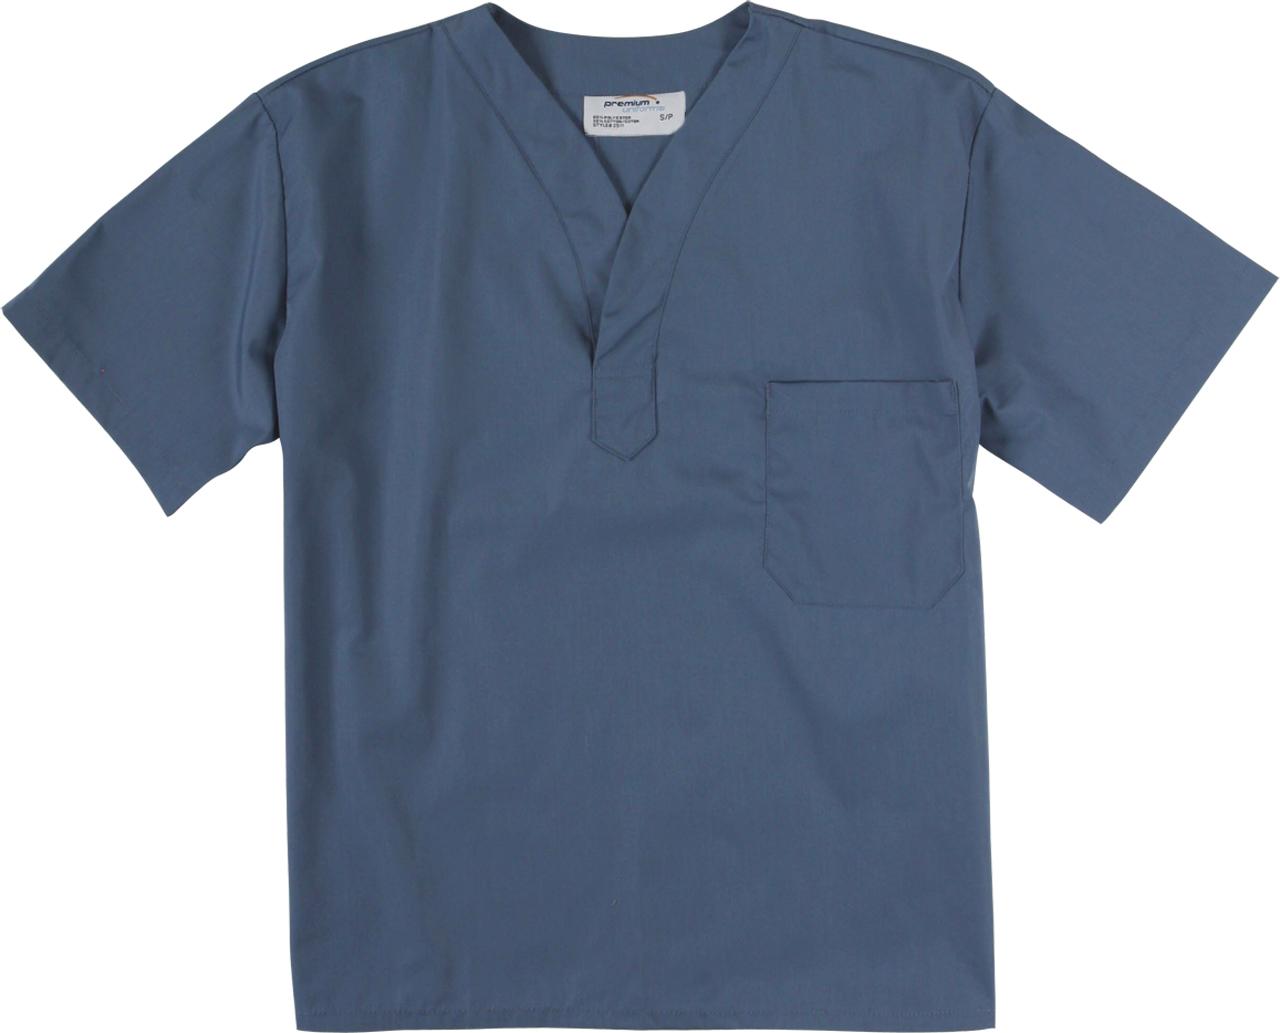 Picture of Premium Uniforms Unisex Scrub Top